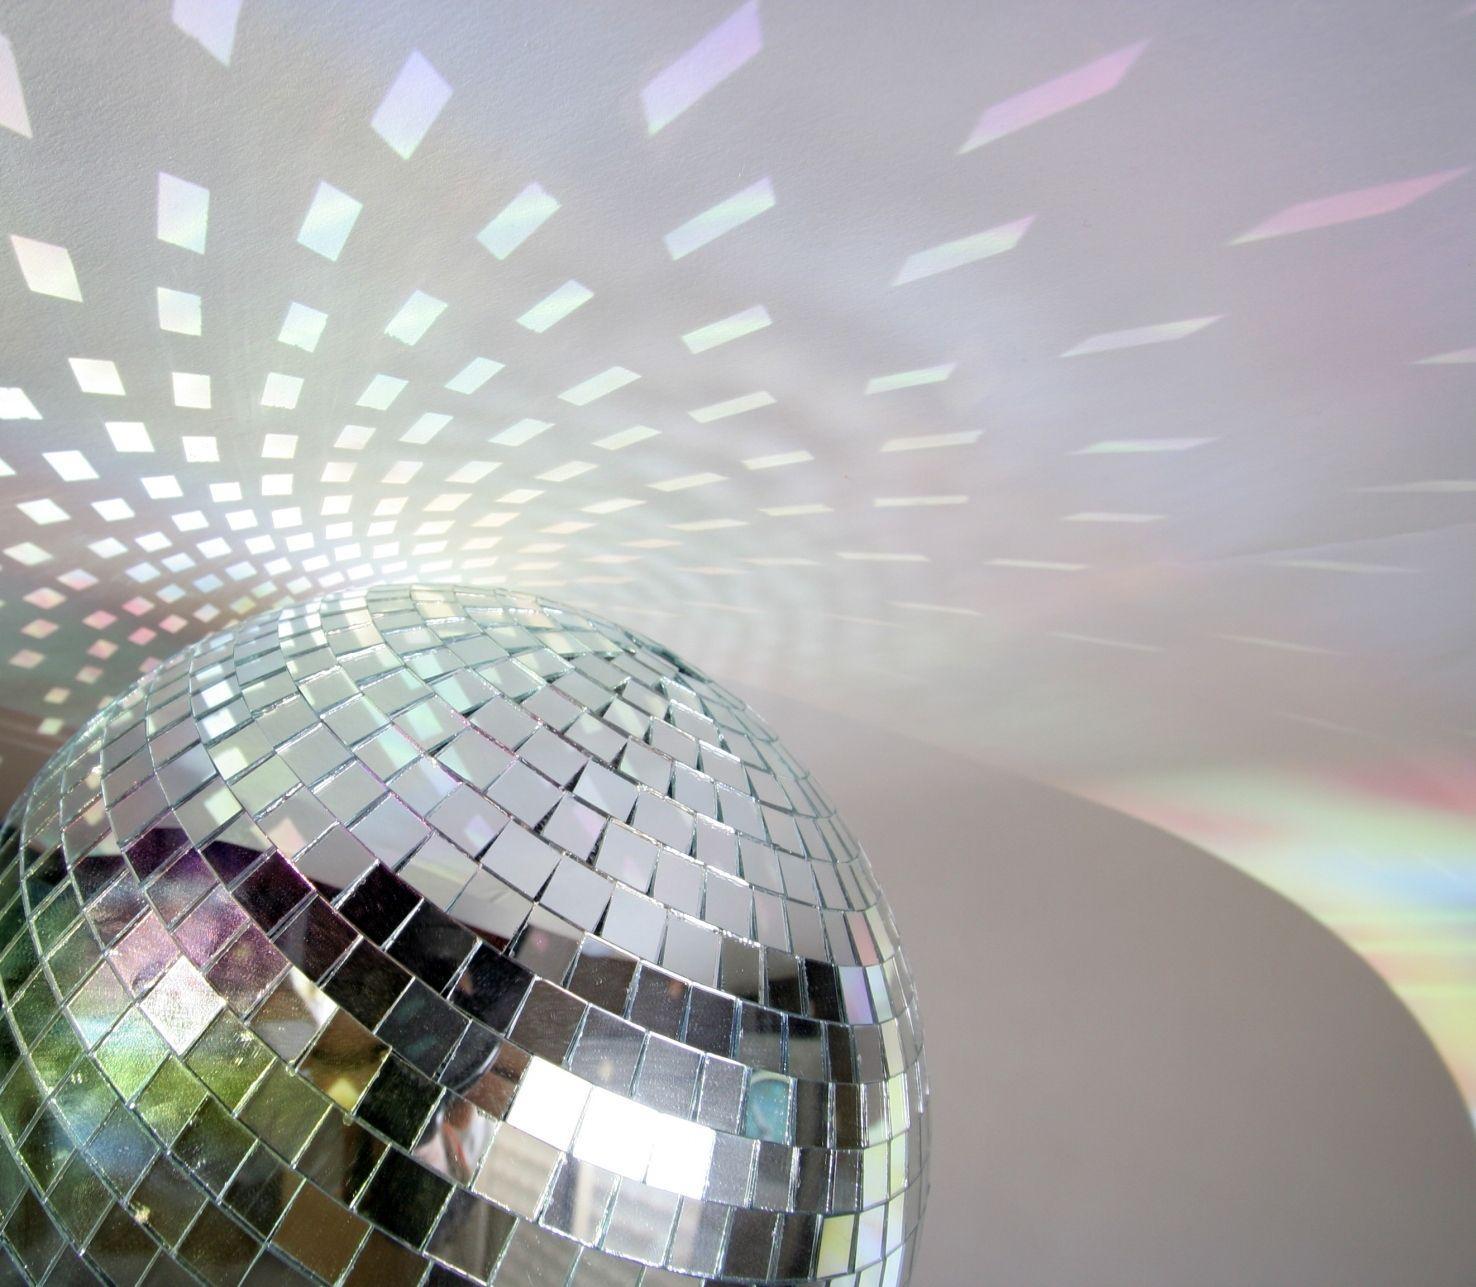 disco ball background white - photo #41